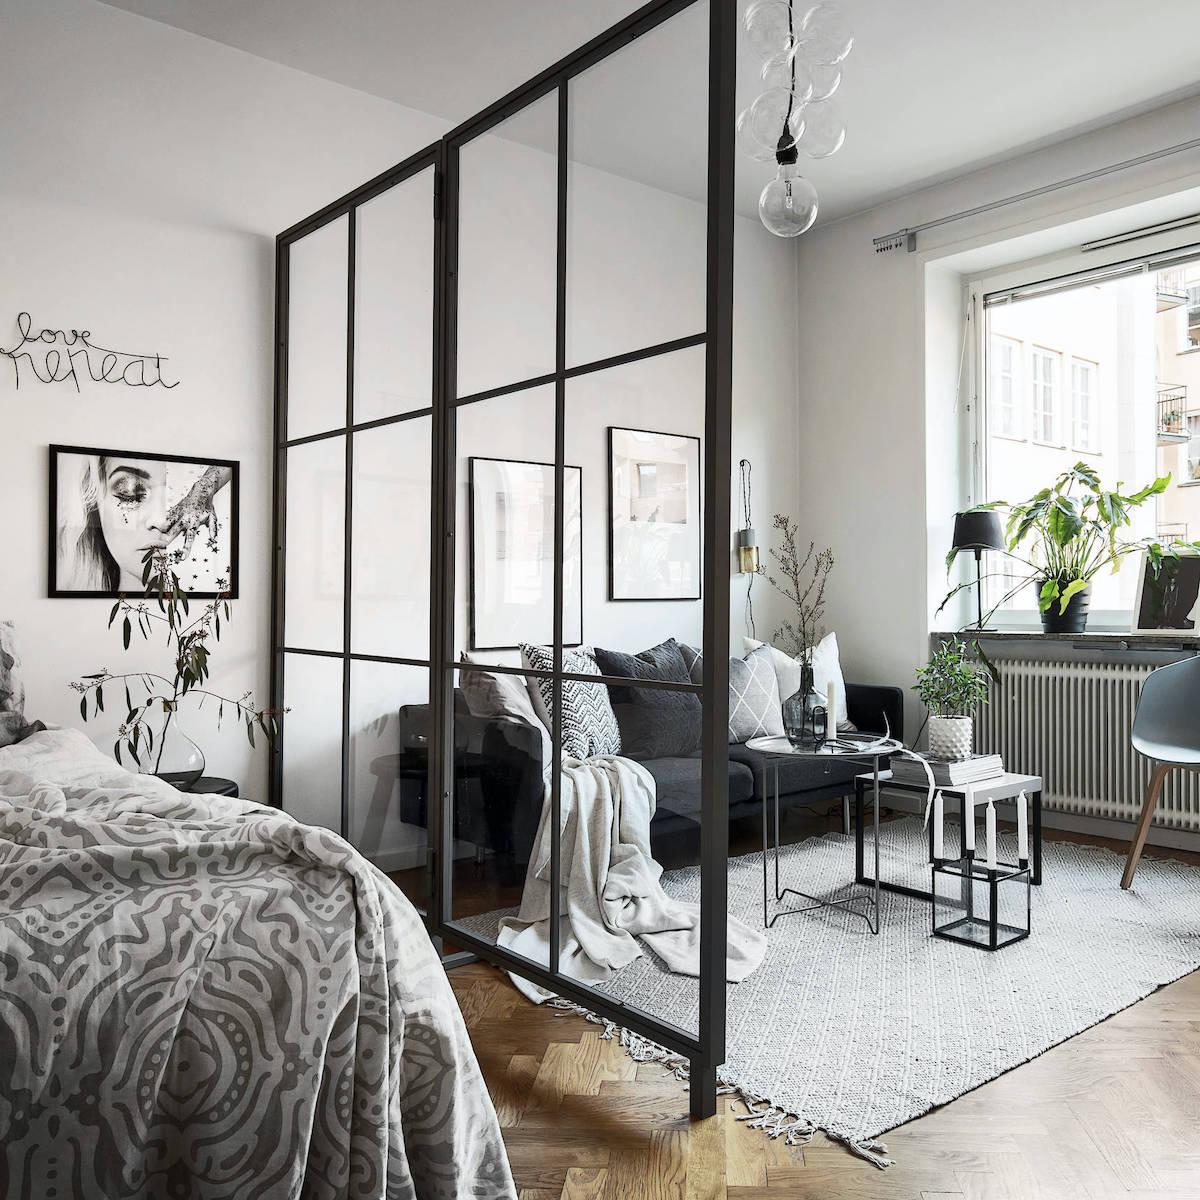 appartement fonctionnel esthétique cloison fixe en verre bord noir métallique